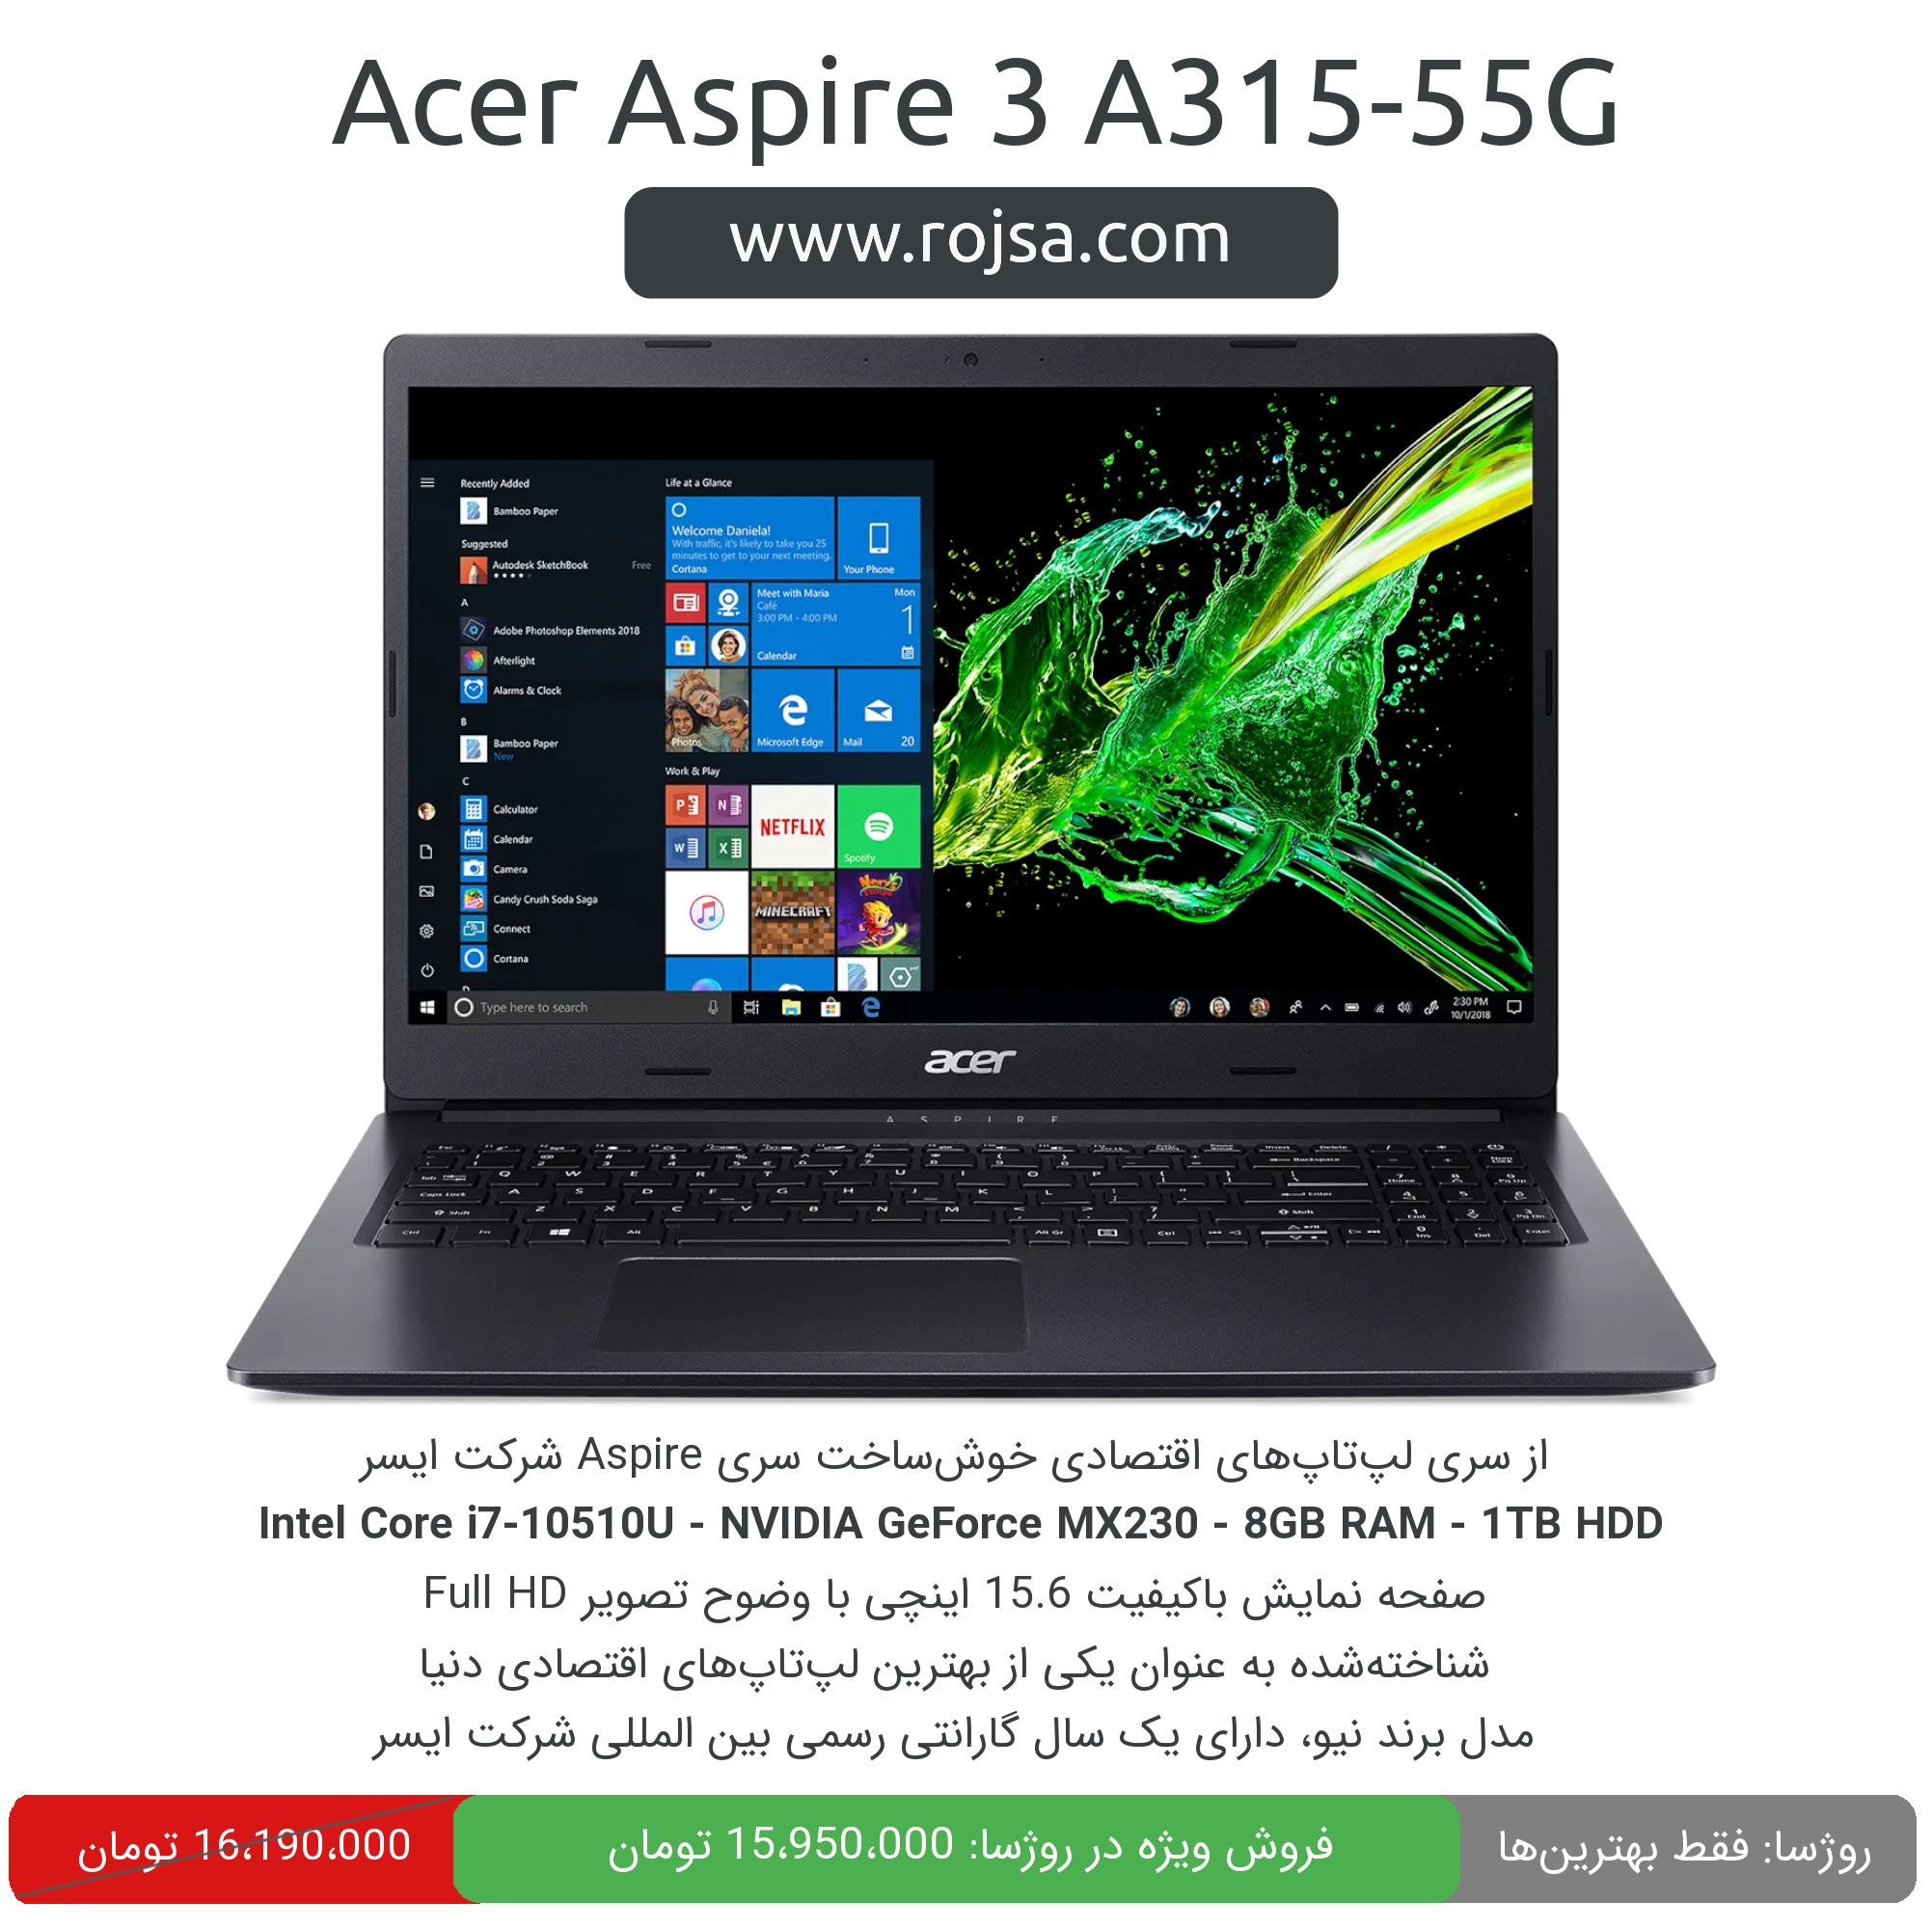 لپ تاپ Acer Aspire 3 A315 55g In 2020 Acer Acer Aspire Ssd